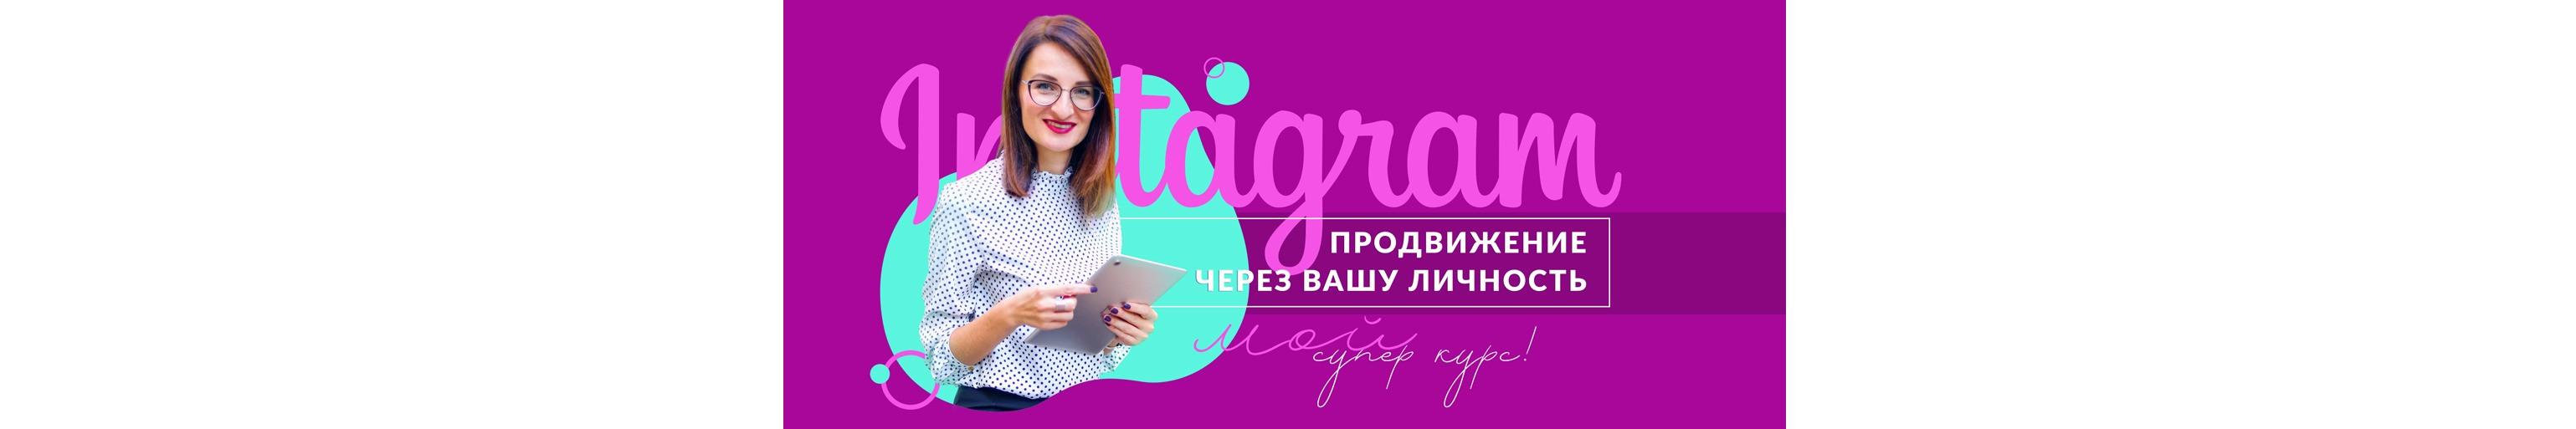 Ольга Толковая - специалист по интернет-маркетингу